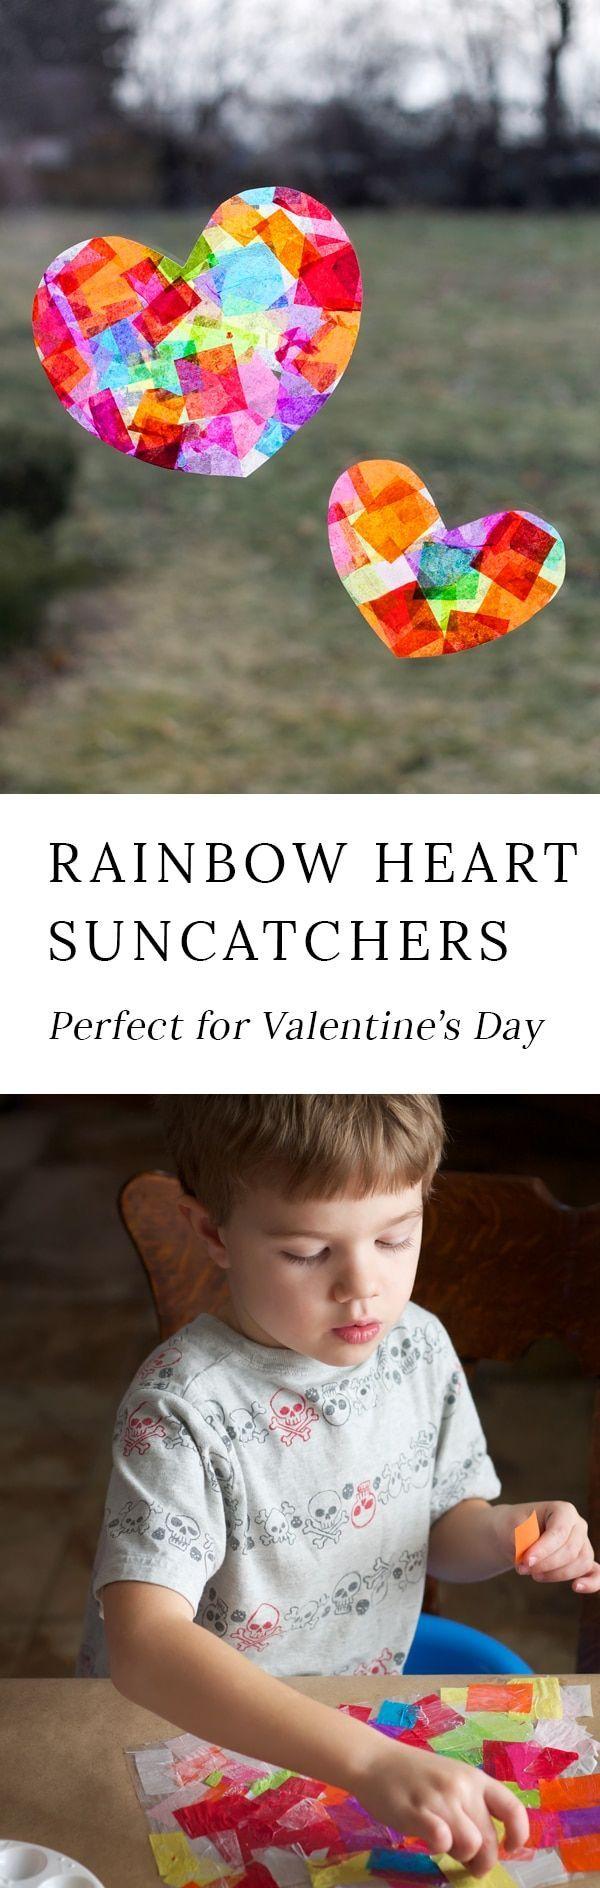 Rainbow Heart Suncatchers Kids Craft Idea